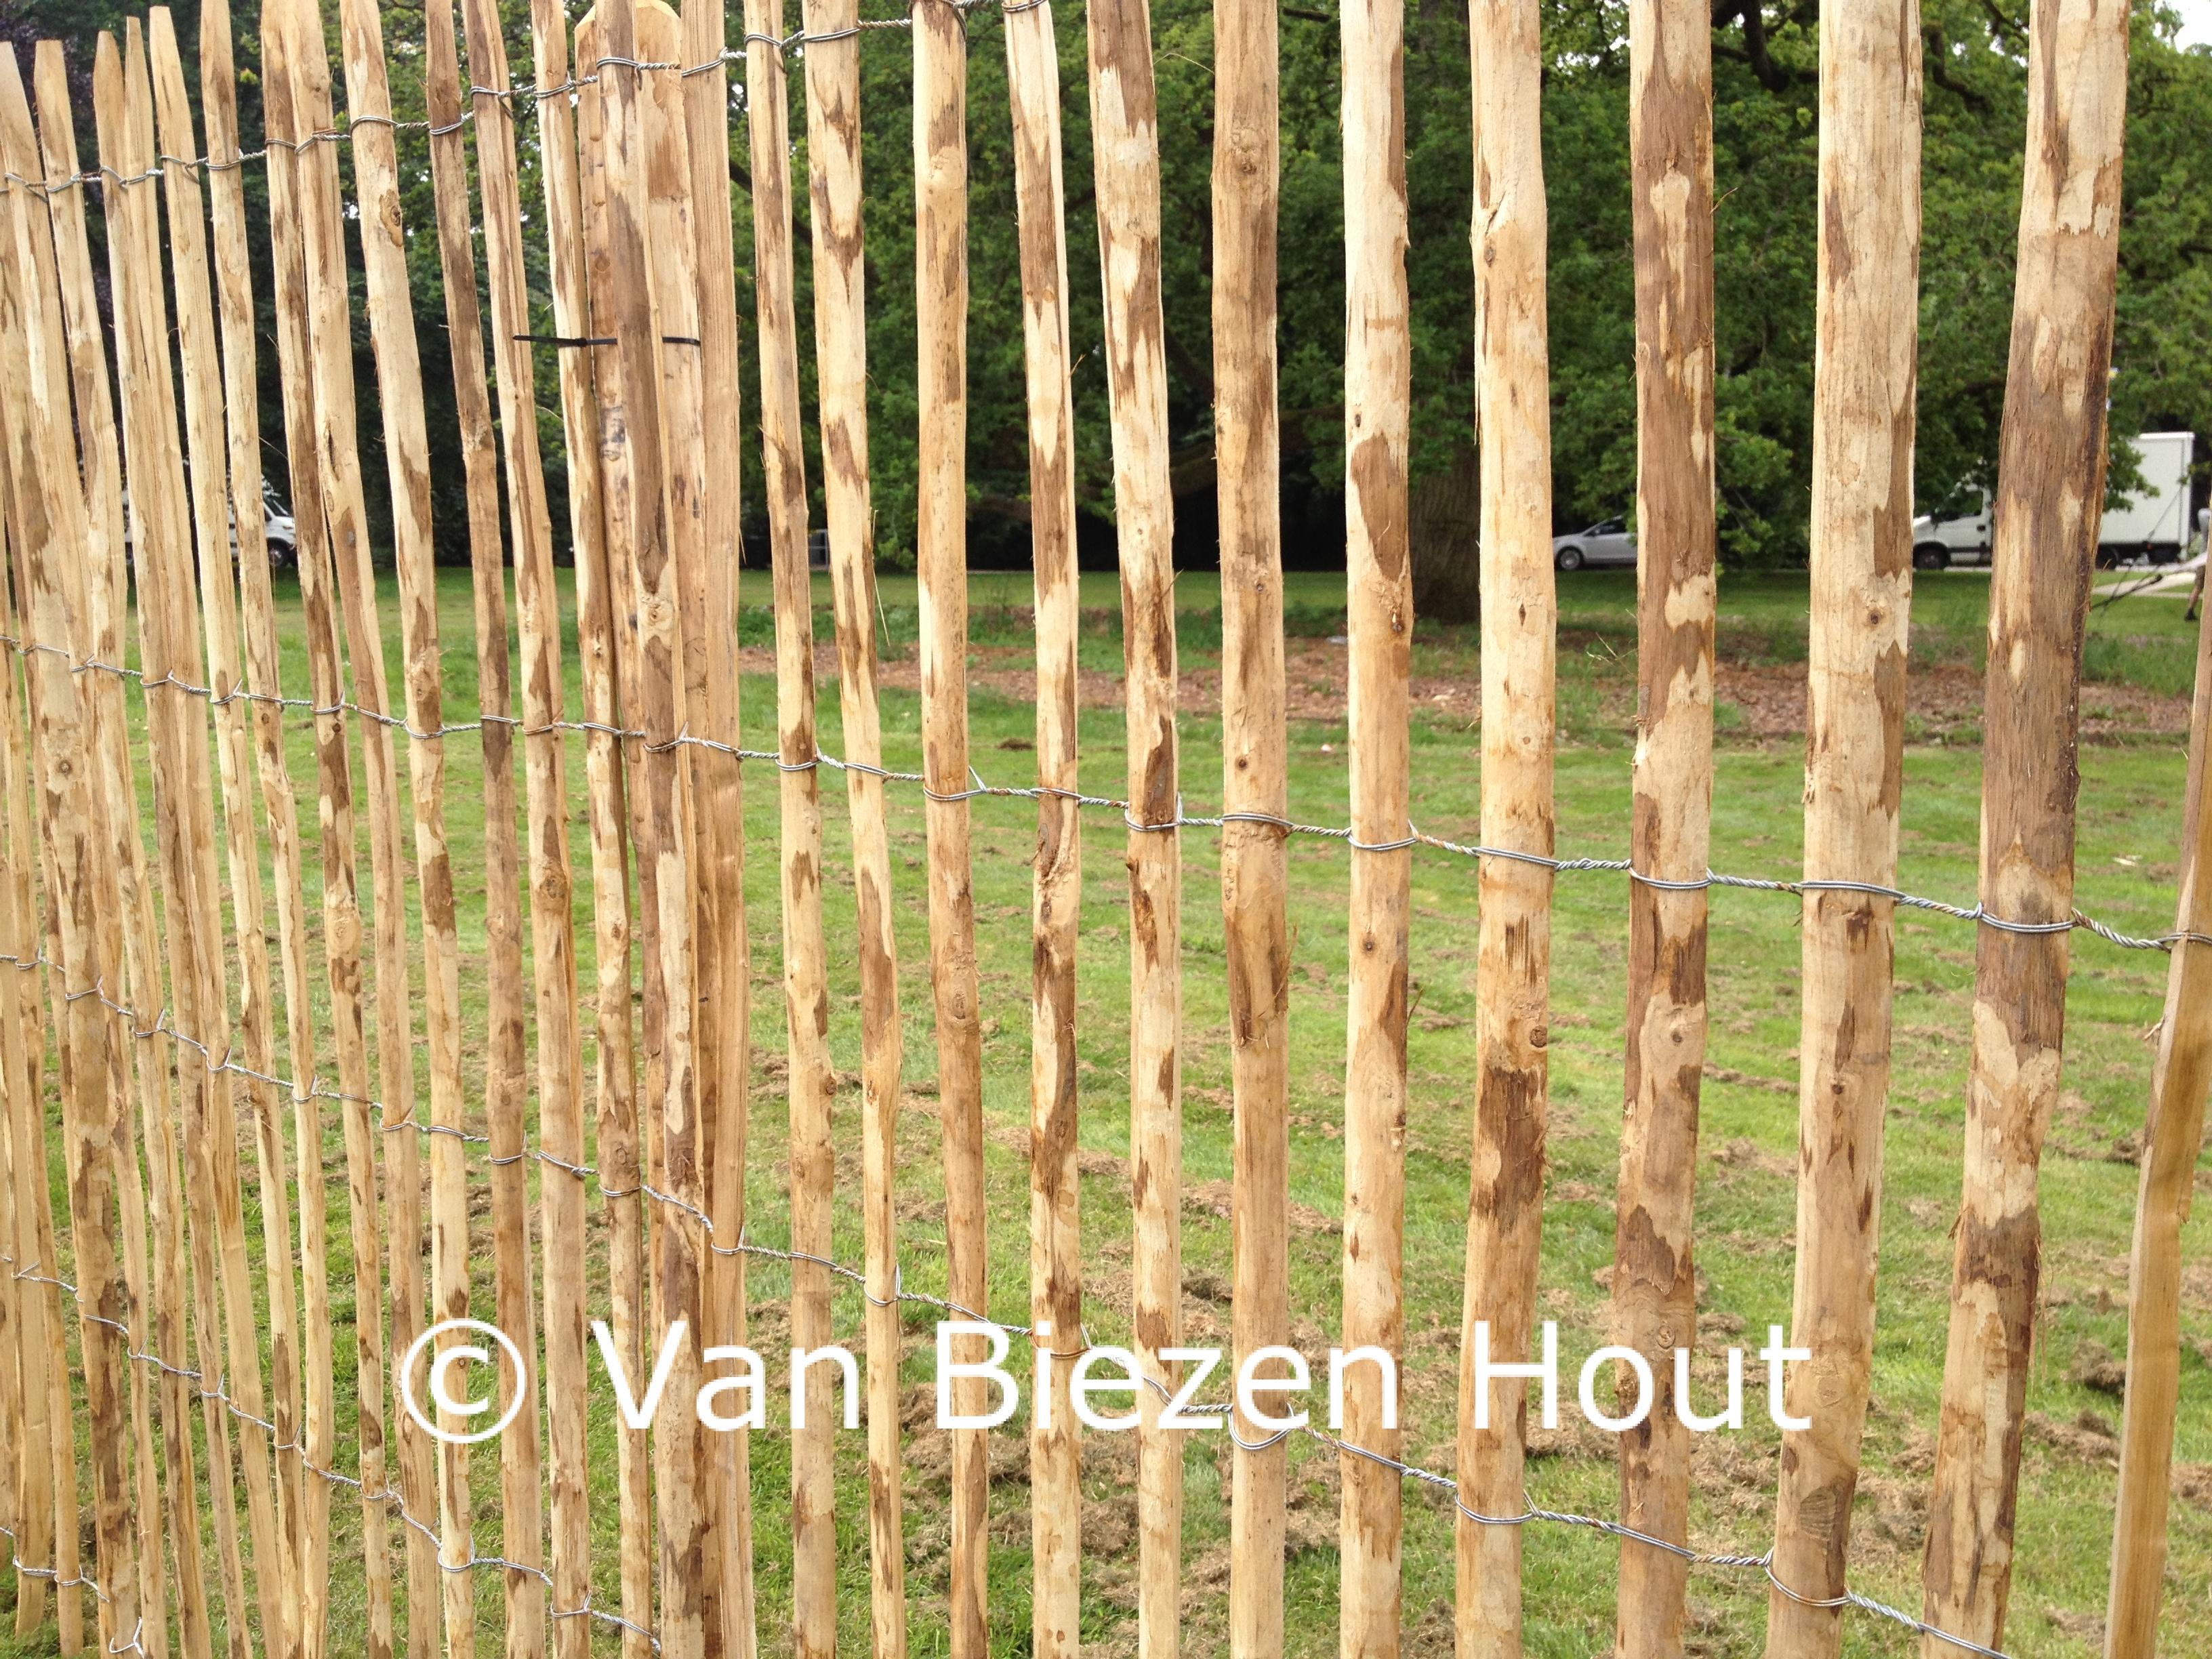 Hekwerk Tuin Gamma : Instructies voor plaatsing kastanje hekwerk van biezen kastanjehout